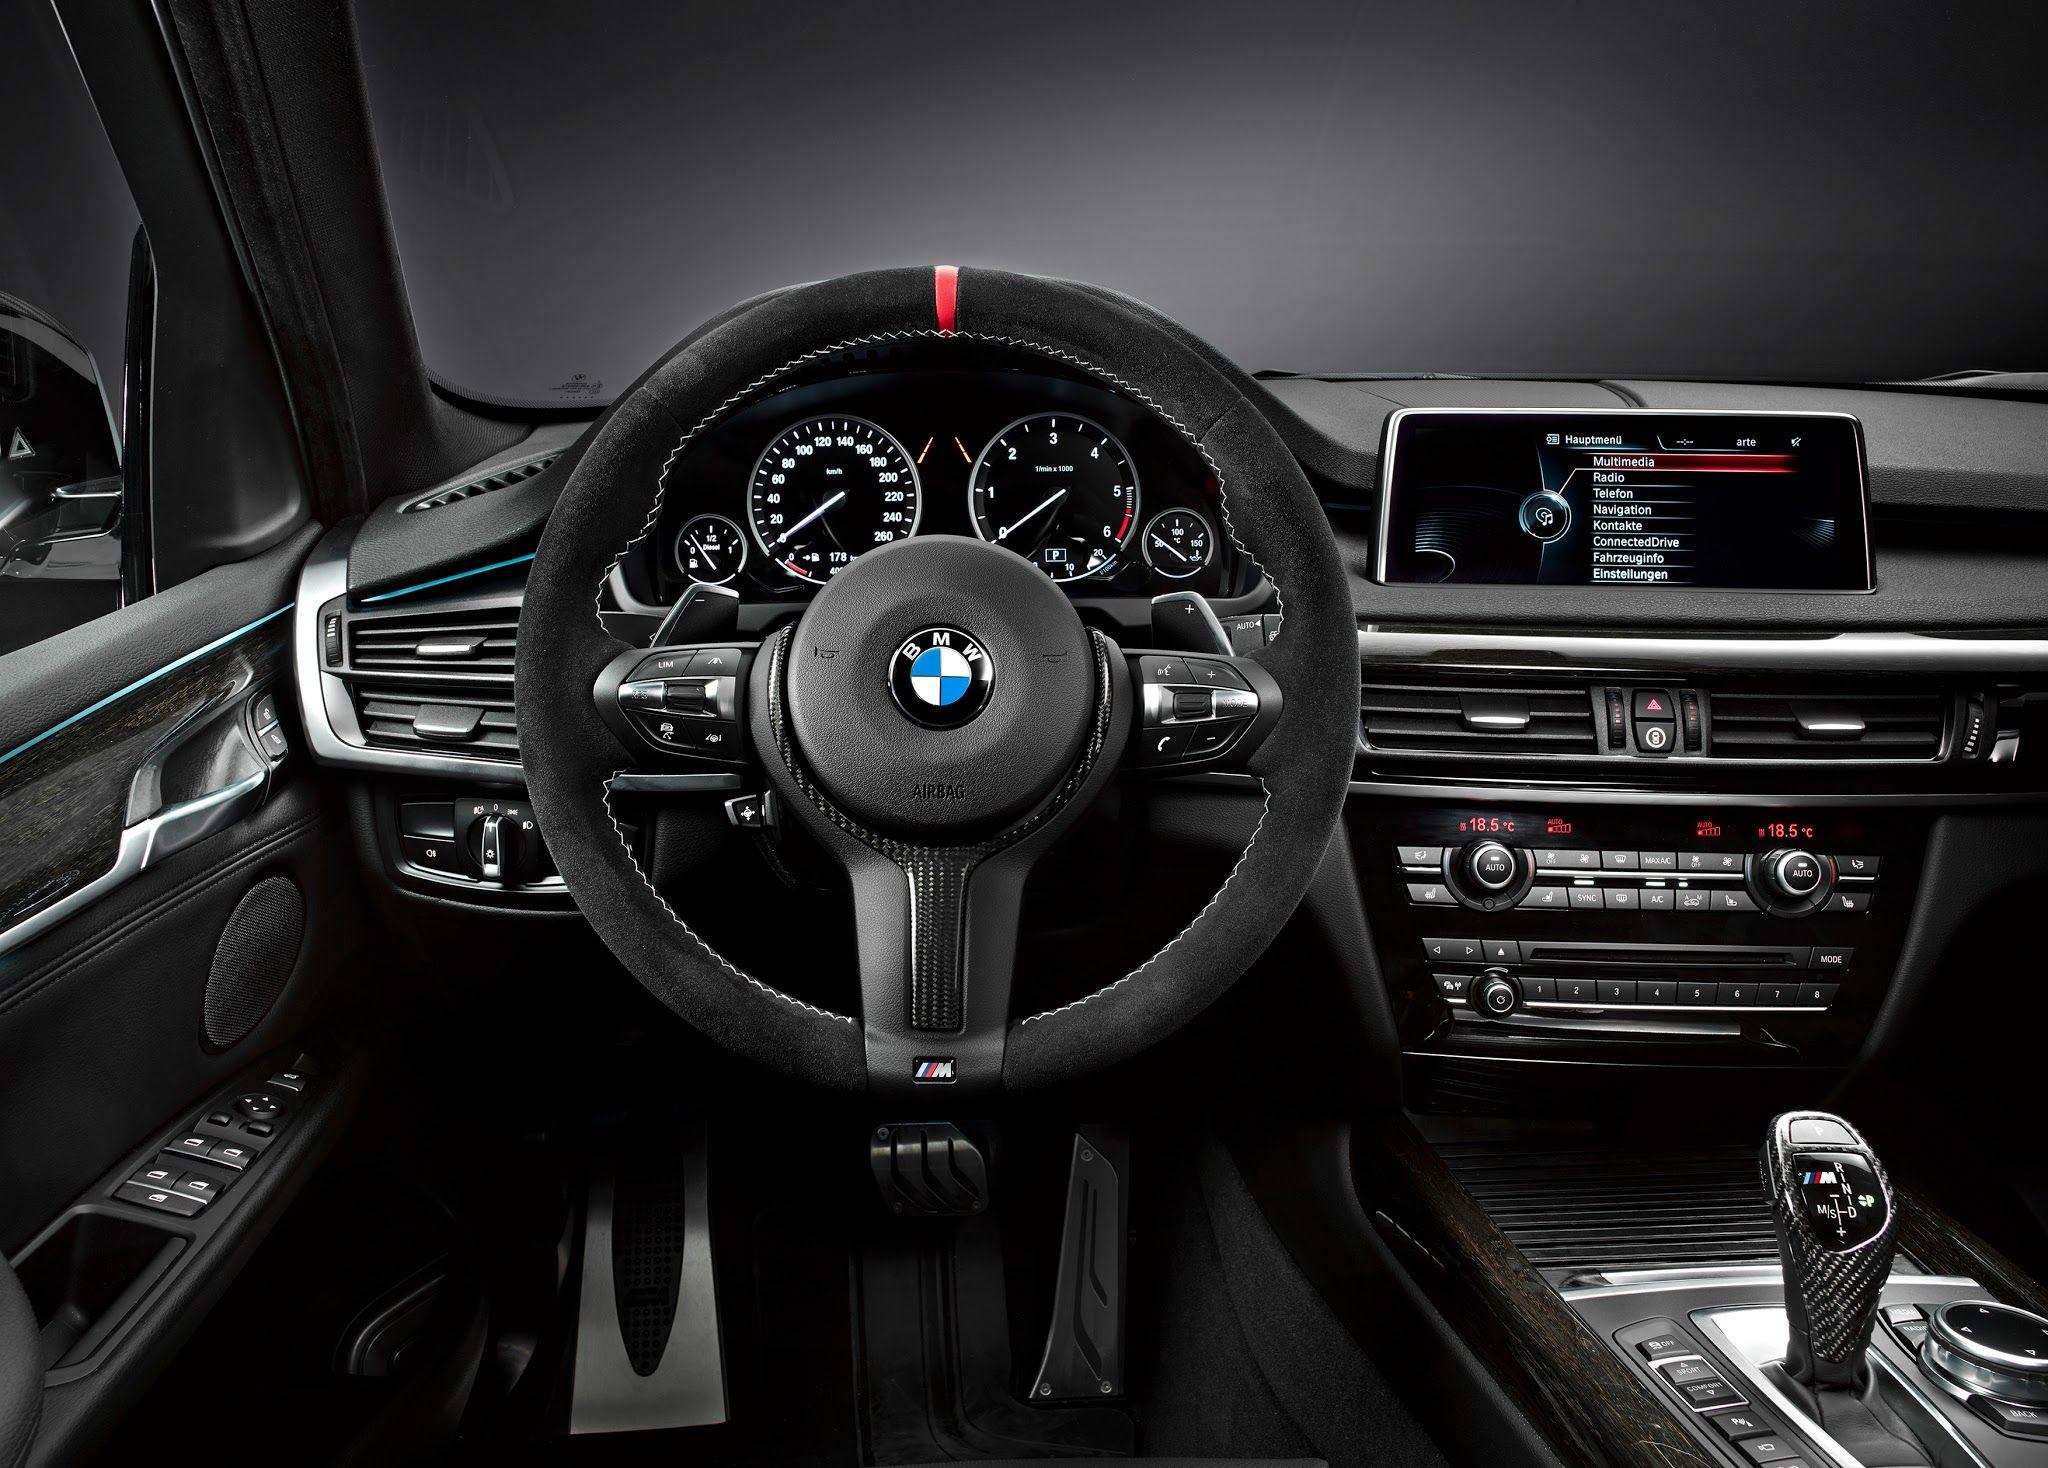 X5 M Interior With Images Bmw X5 M Bmw Bmw X5